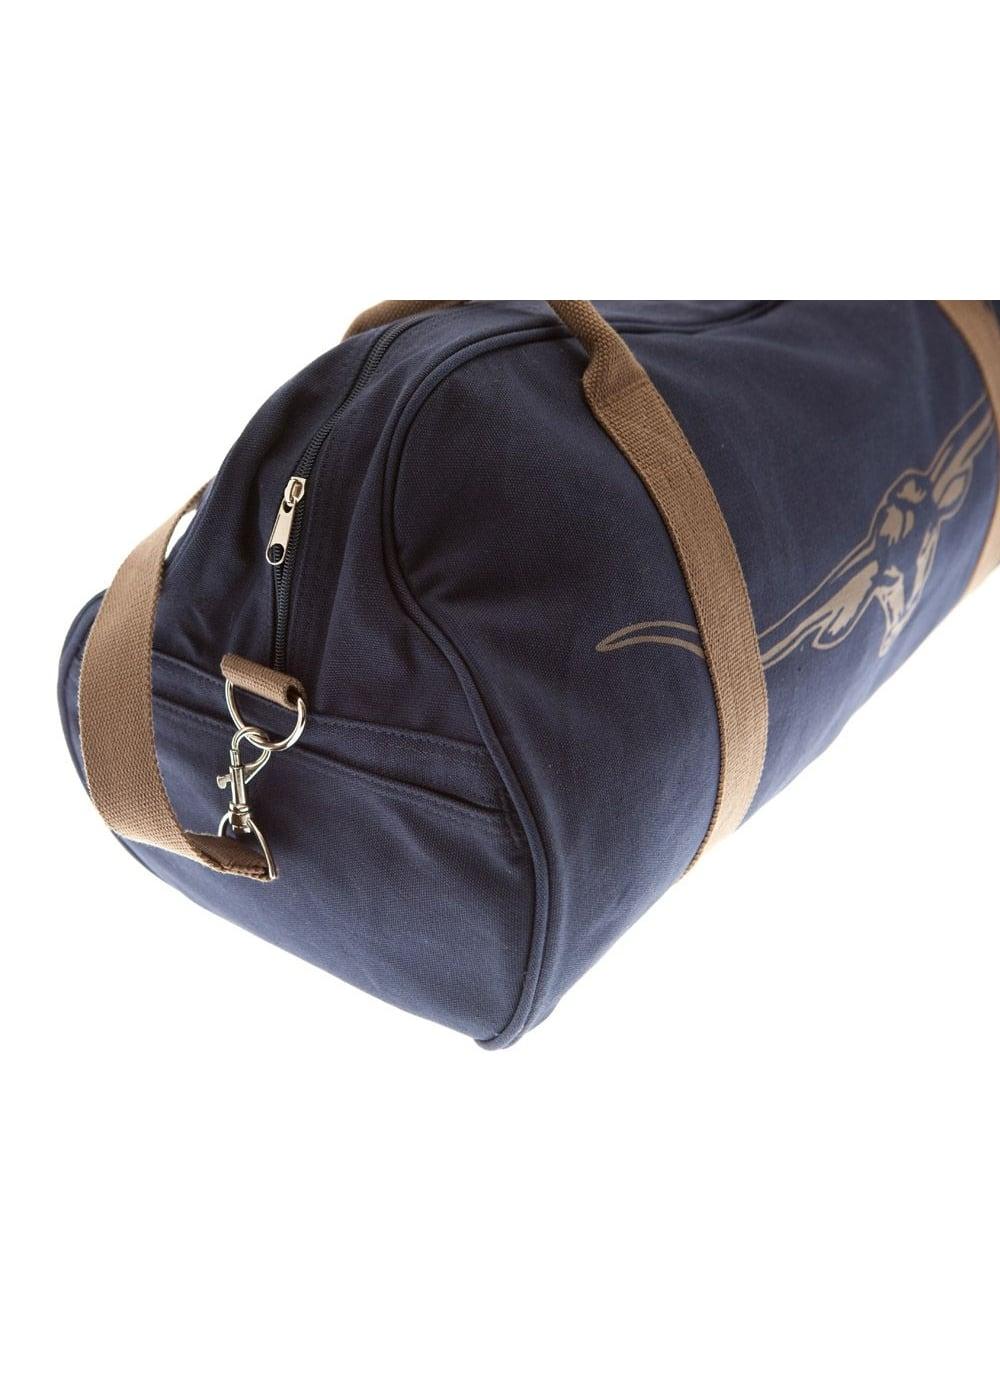 08c9e155e013 RM Williams Nanga Bag- A Hume